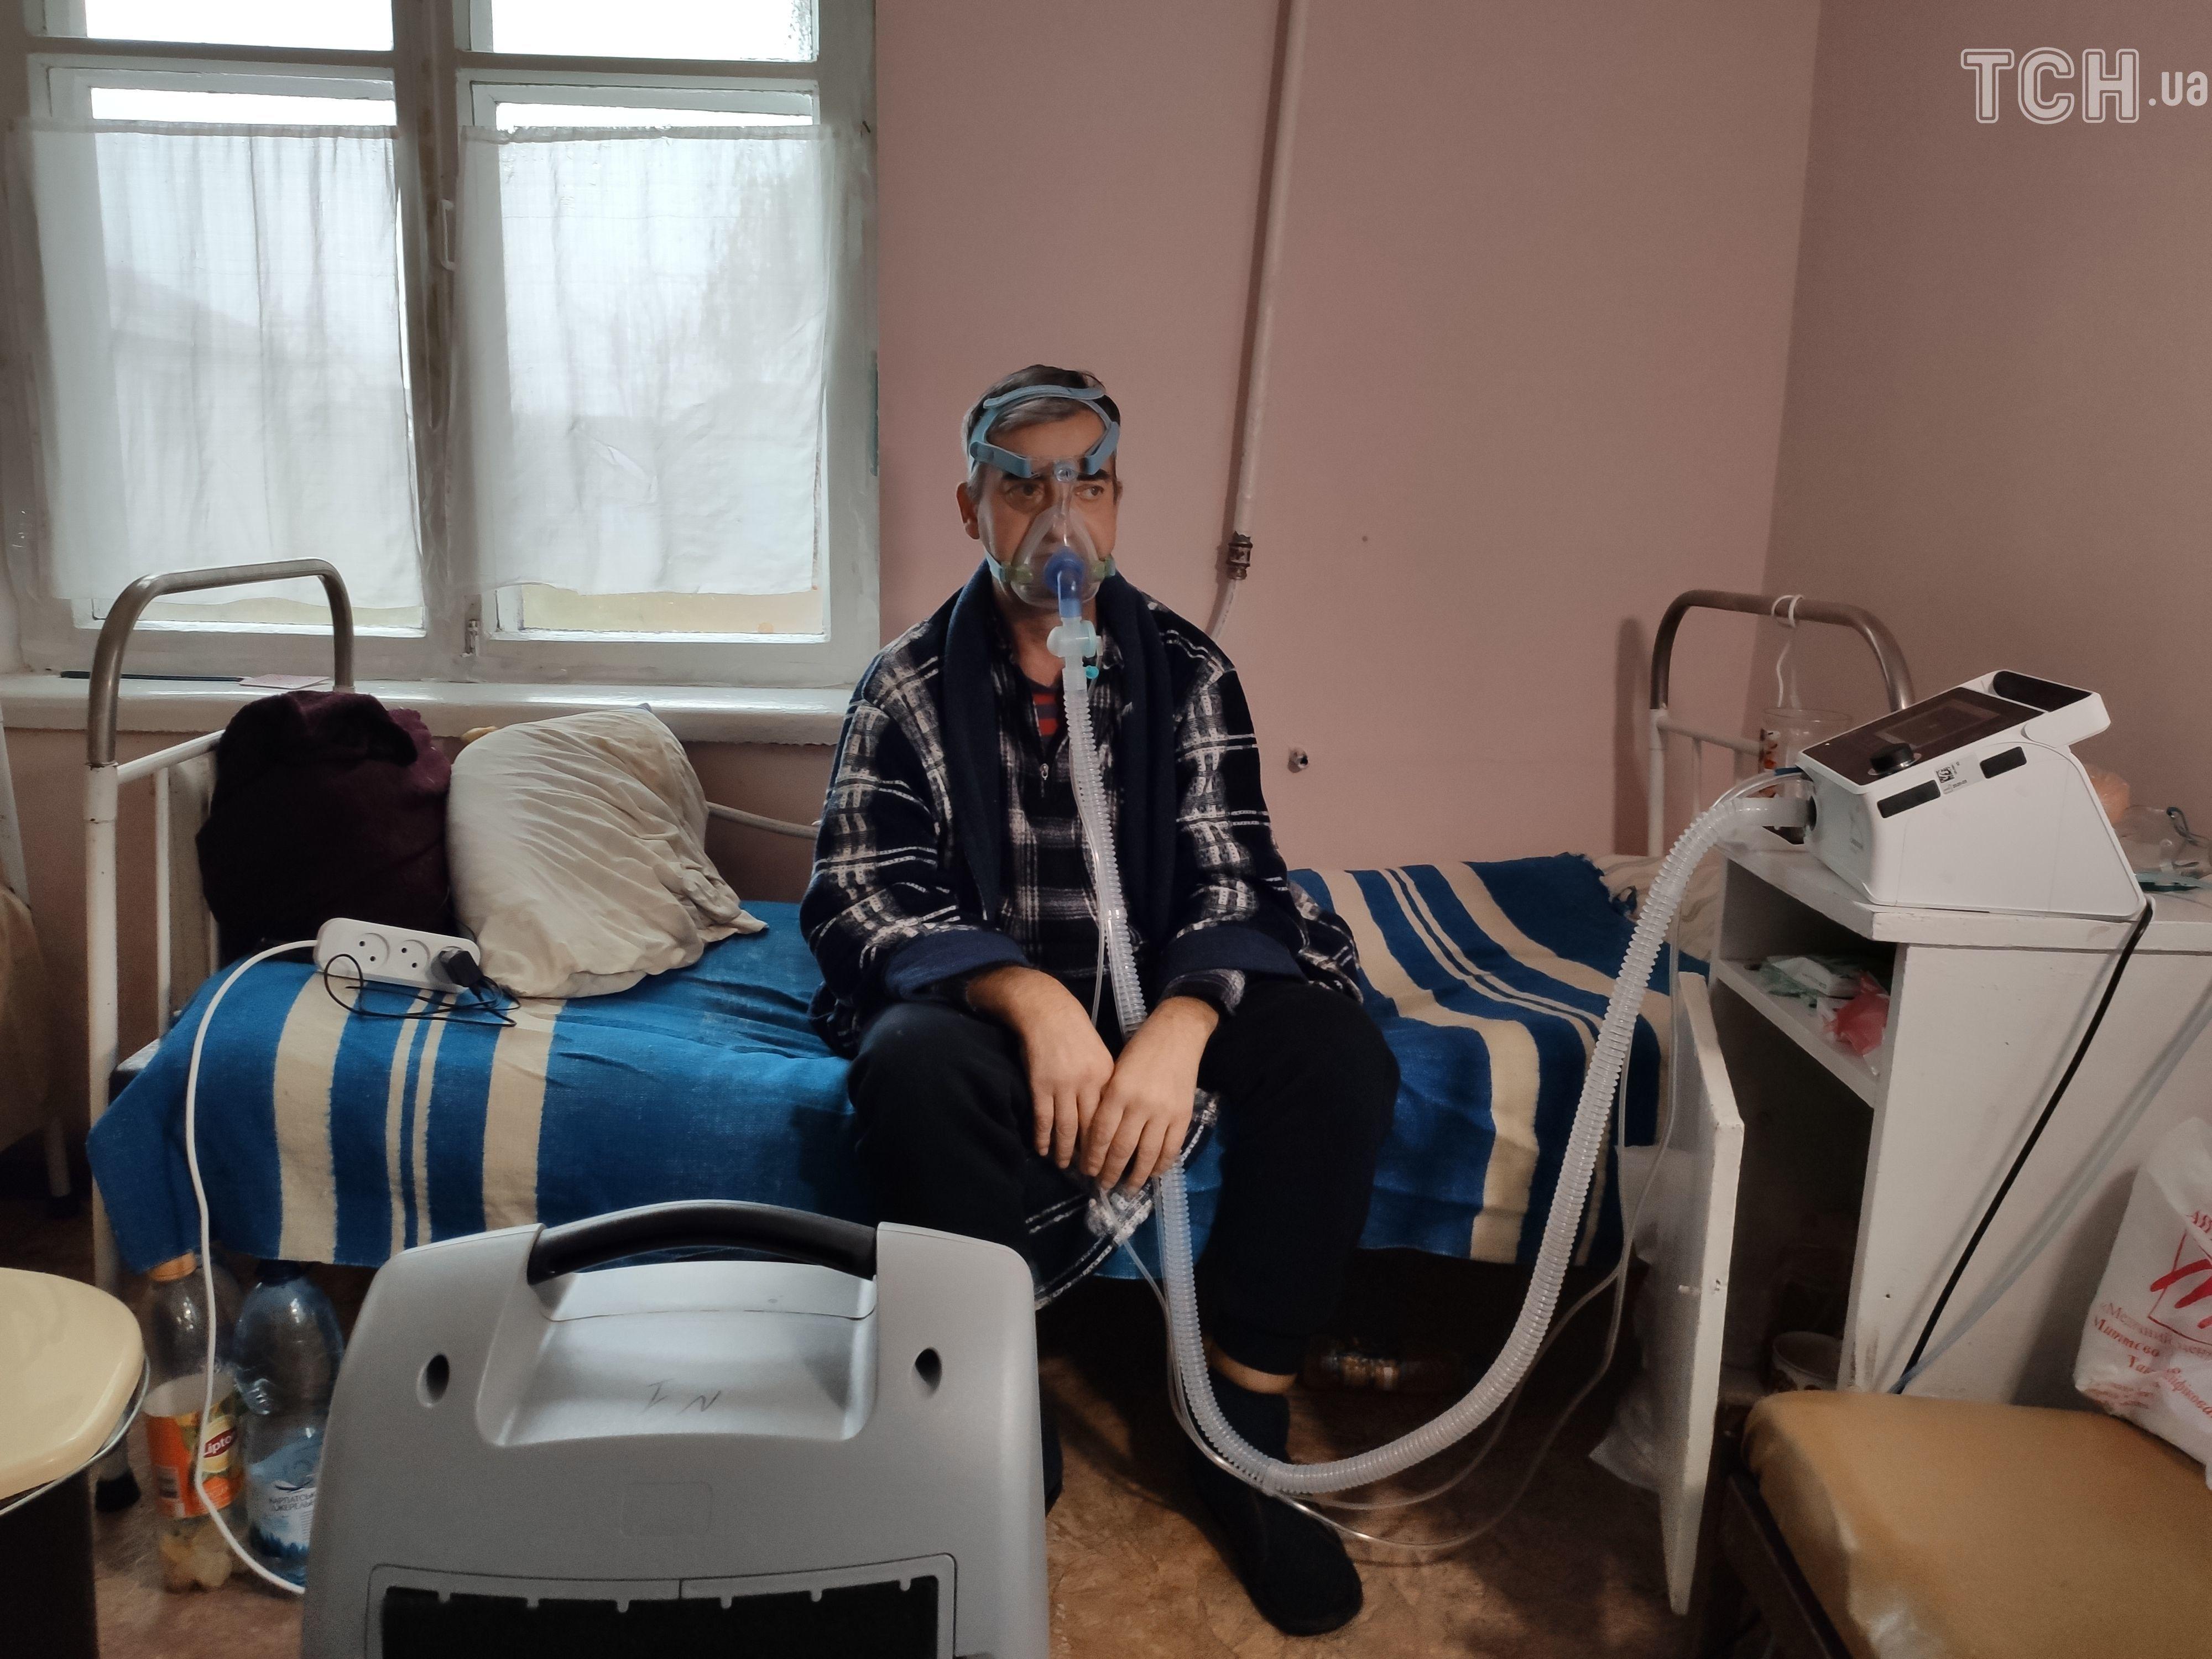 Бобровицька лікарня, апарат ШВЛ